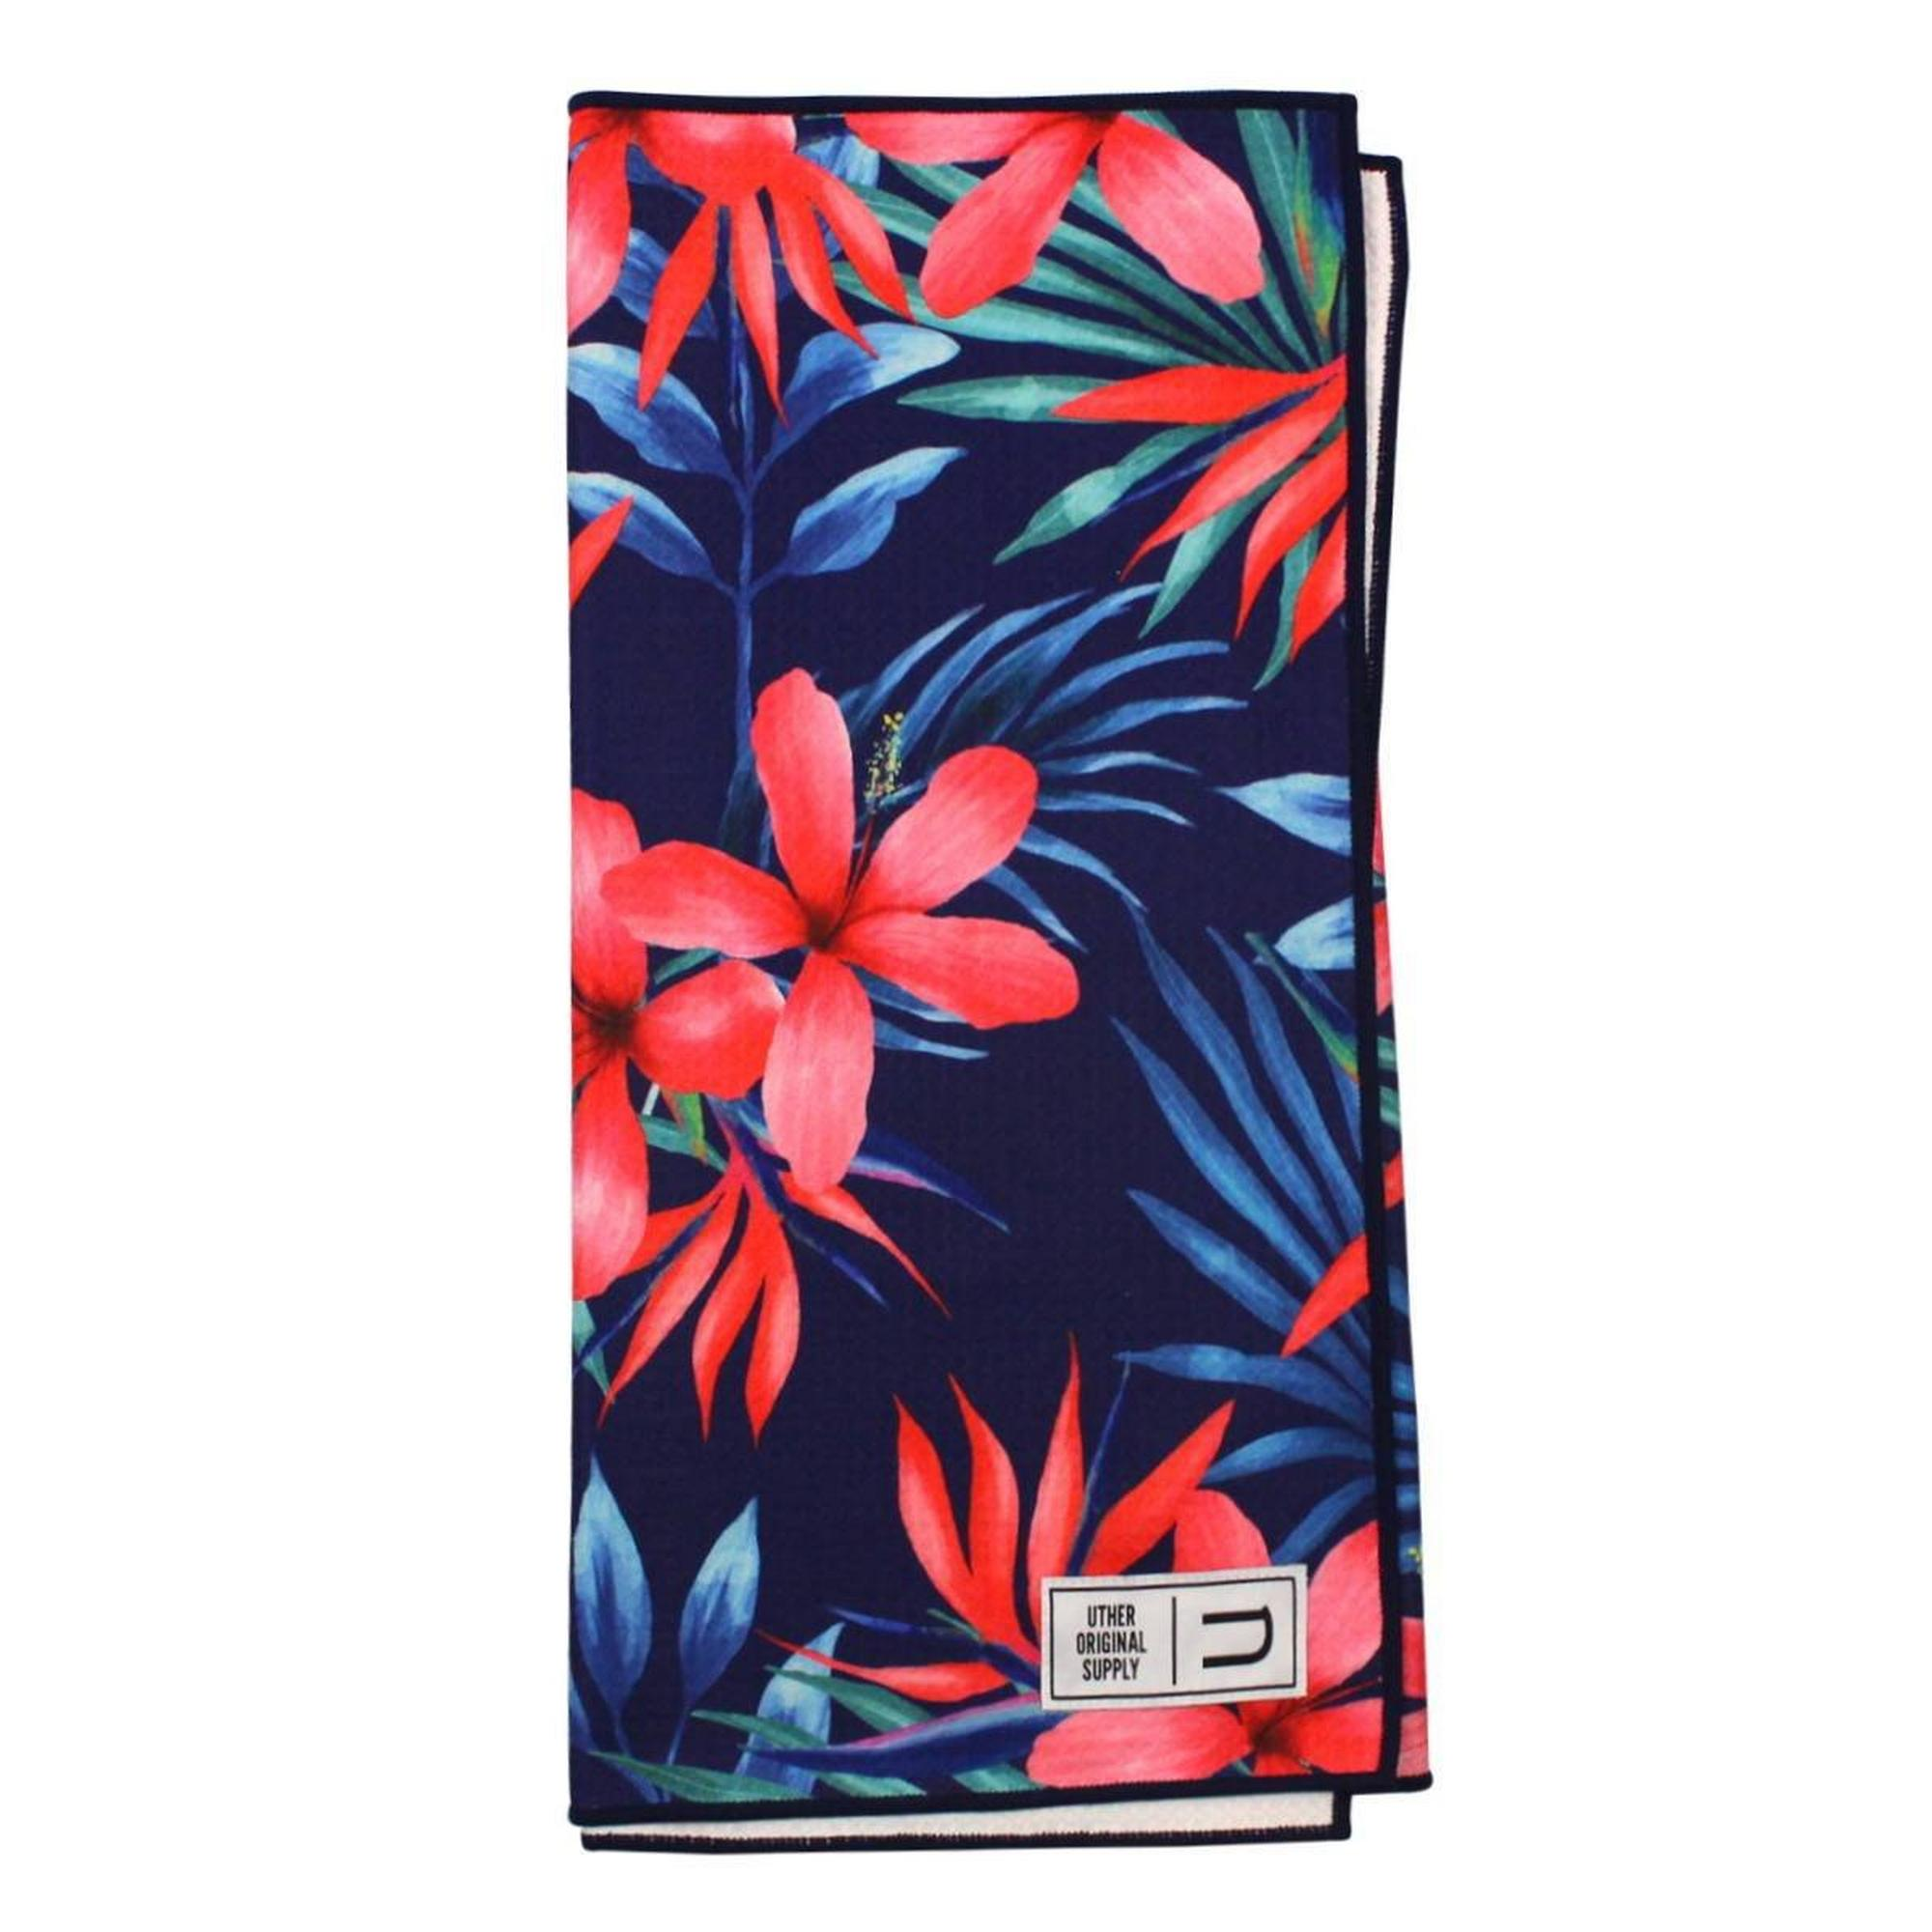 Microfiber Tour Golf Towel - Cyan Floral